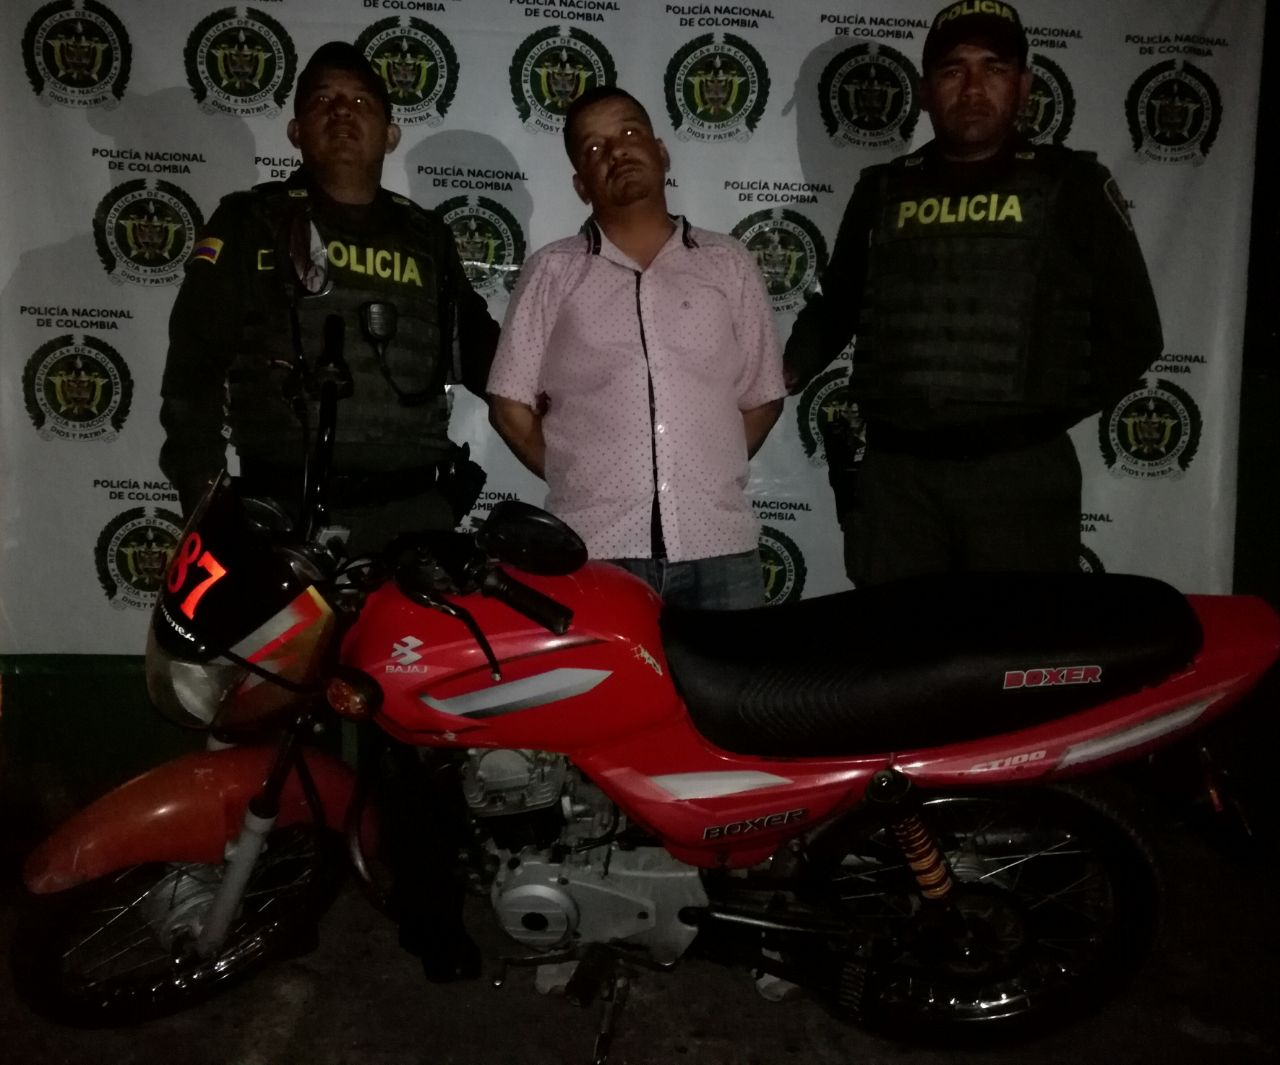 GARZÓN CAPTURA POR HURTO Y RECUPERACIÓN DE MOTOCICLETA